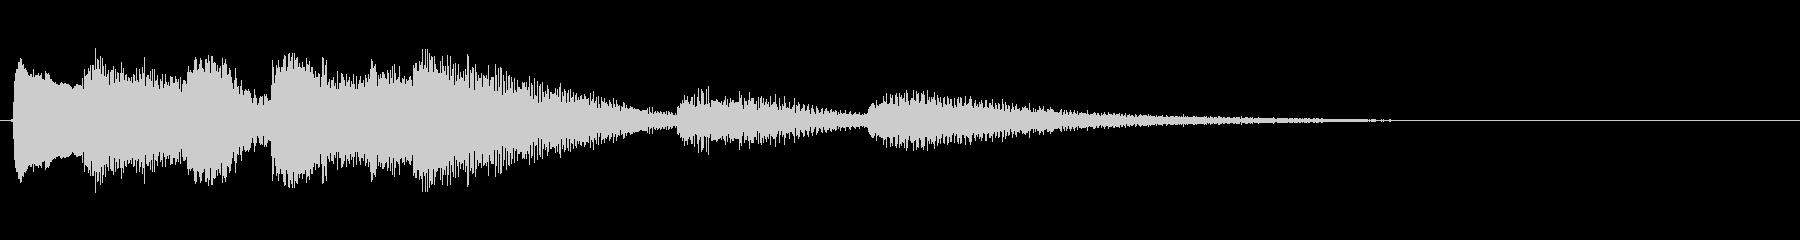 ピアノ・アイキャッチ・割り切れないの未再生の波形